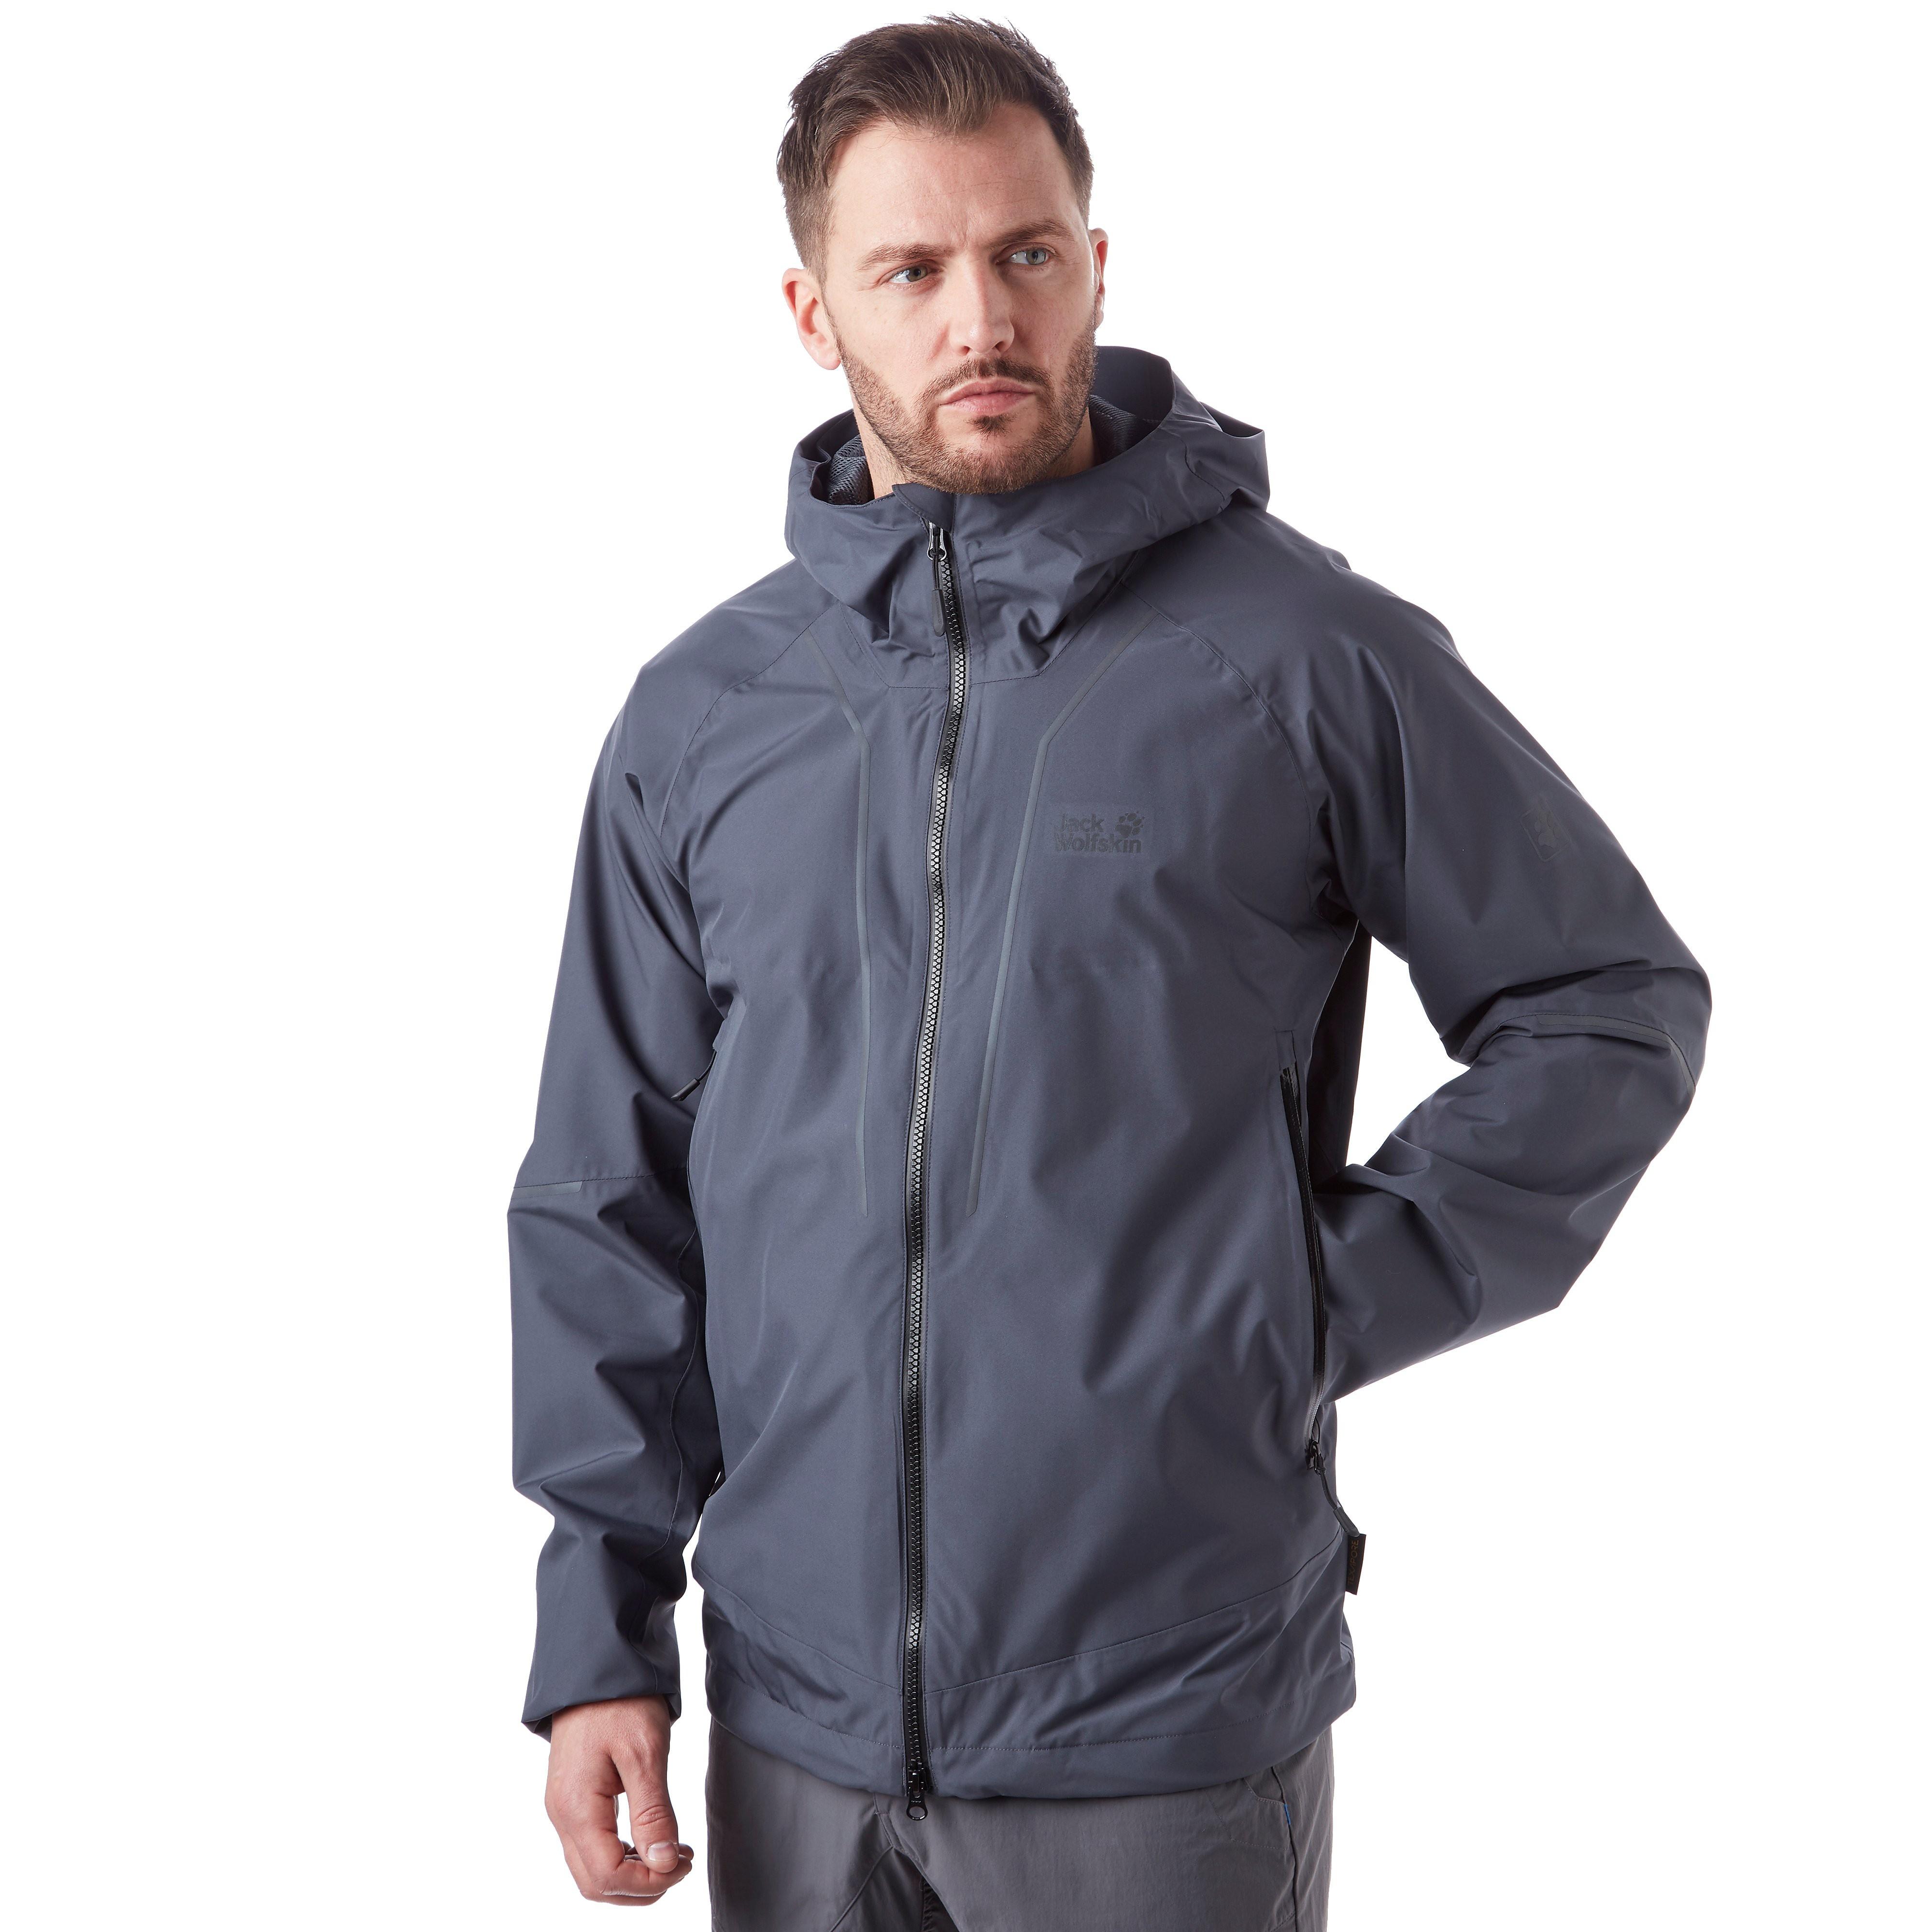 Jack Wolfskin Sierra Men's Jacket